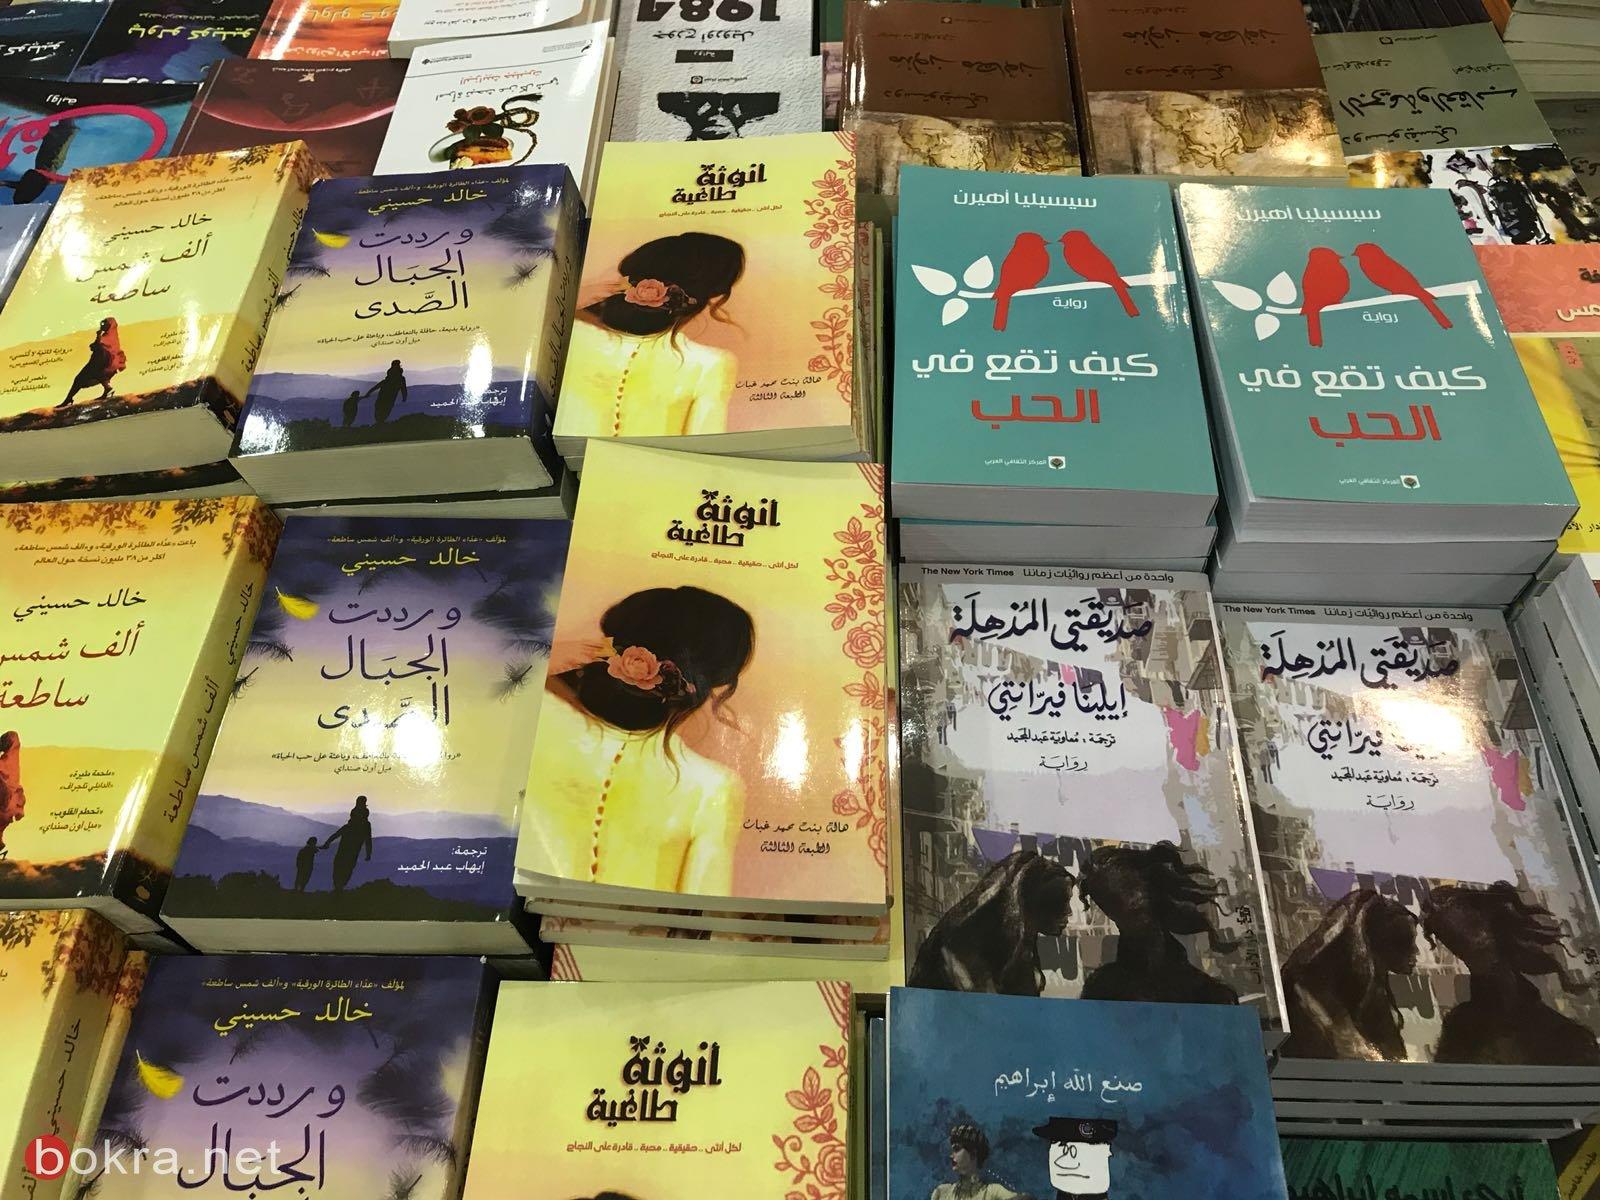 معرض الكتاب في كنيون كنعان- يركا يحقق نجاحاً كبيراً ، المستمر حتى السبت 10.3.18-0